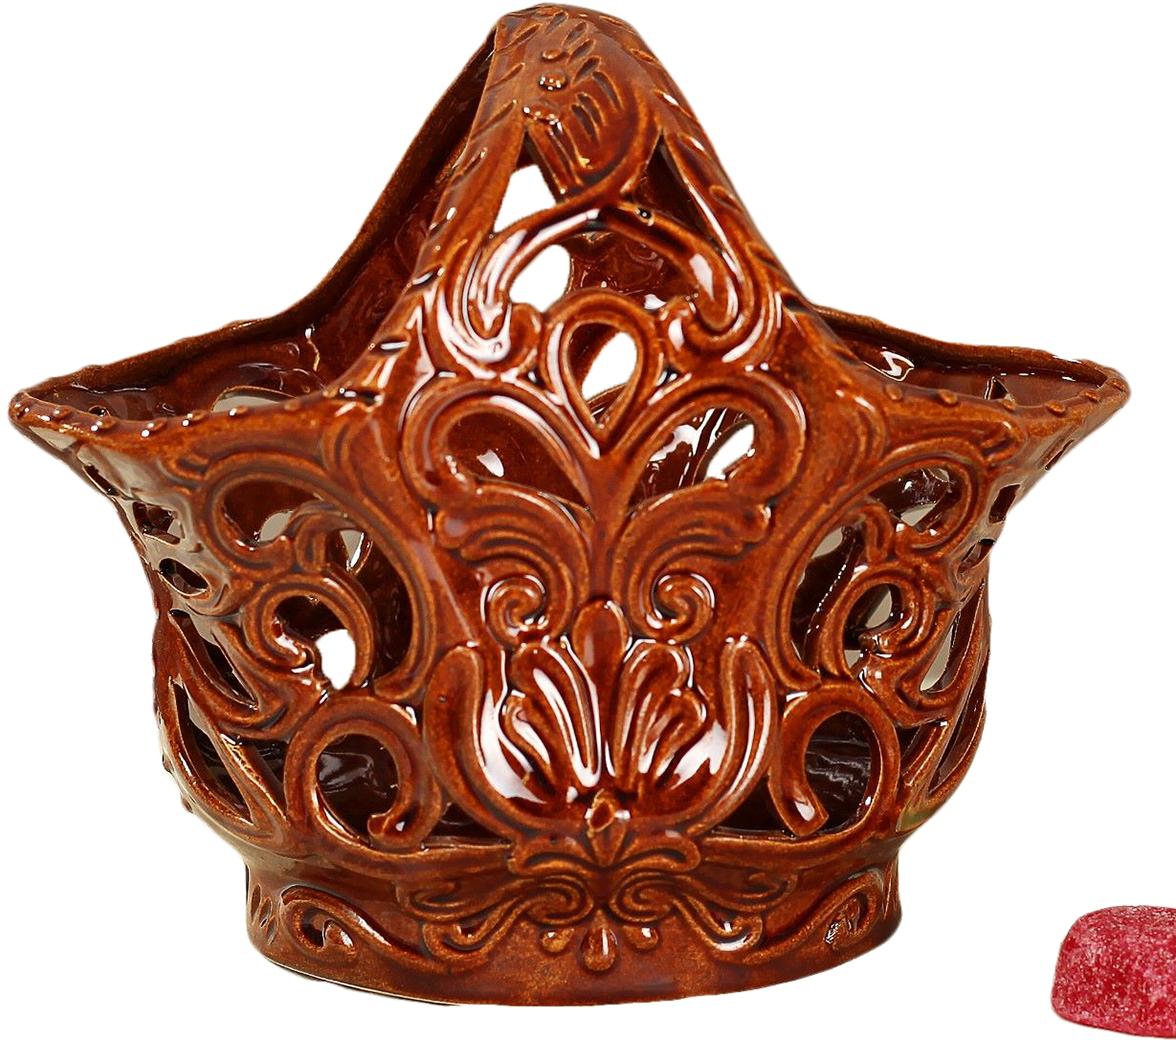 Конфетница Керамика ручной работы Тюльпан, цвет: коричневый ваза керамика ручной работы лиана цвет светло коричневый средняя 1130557